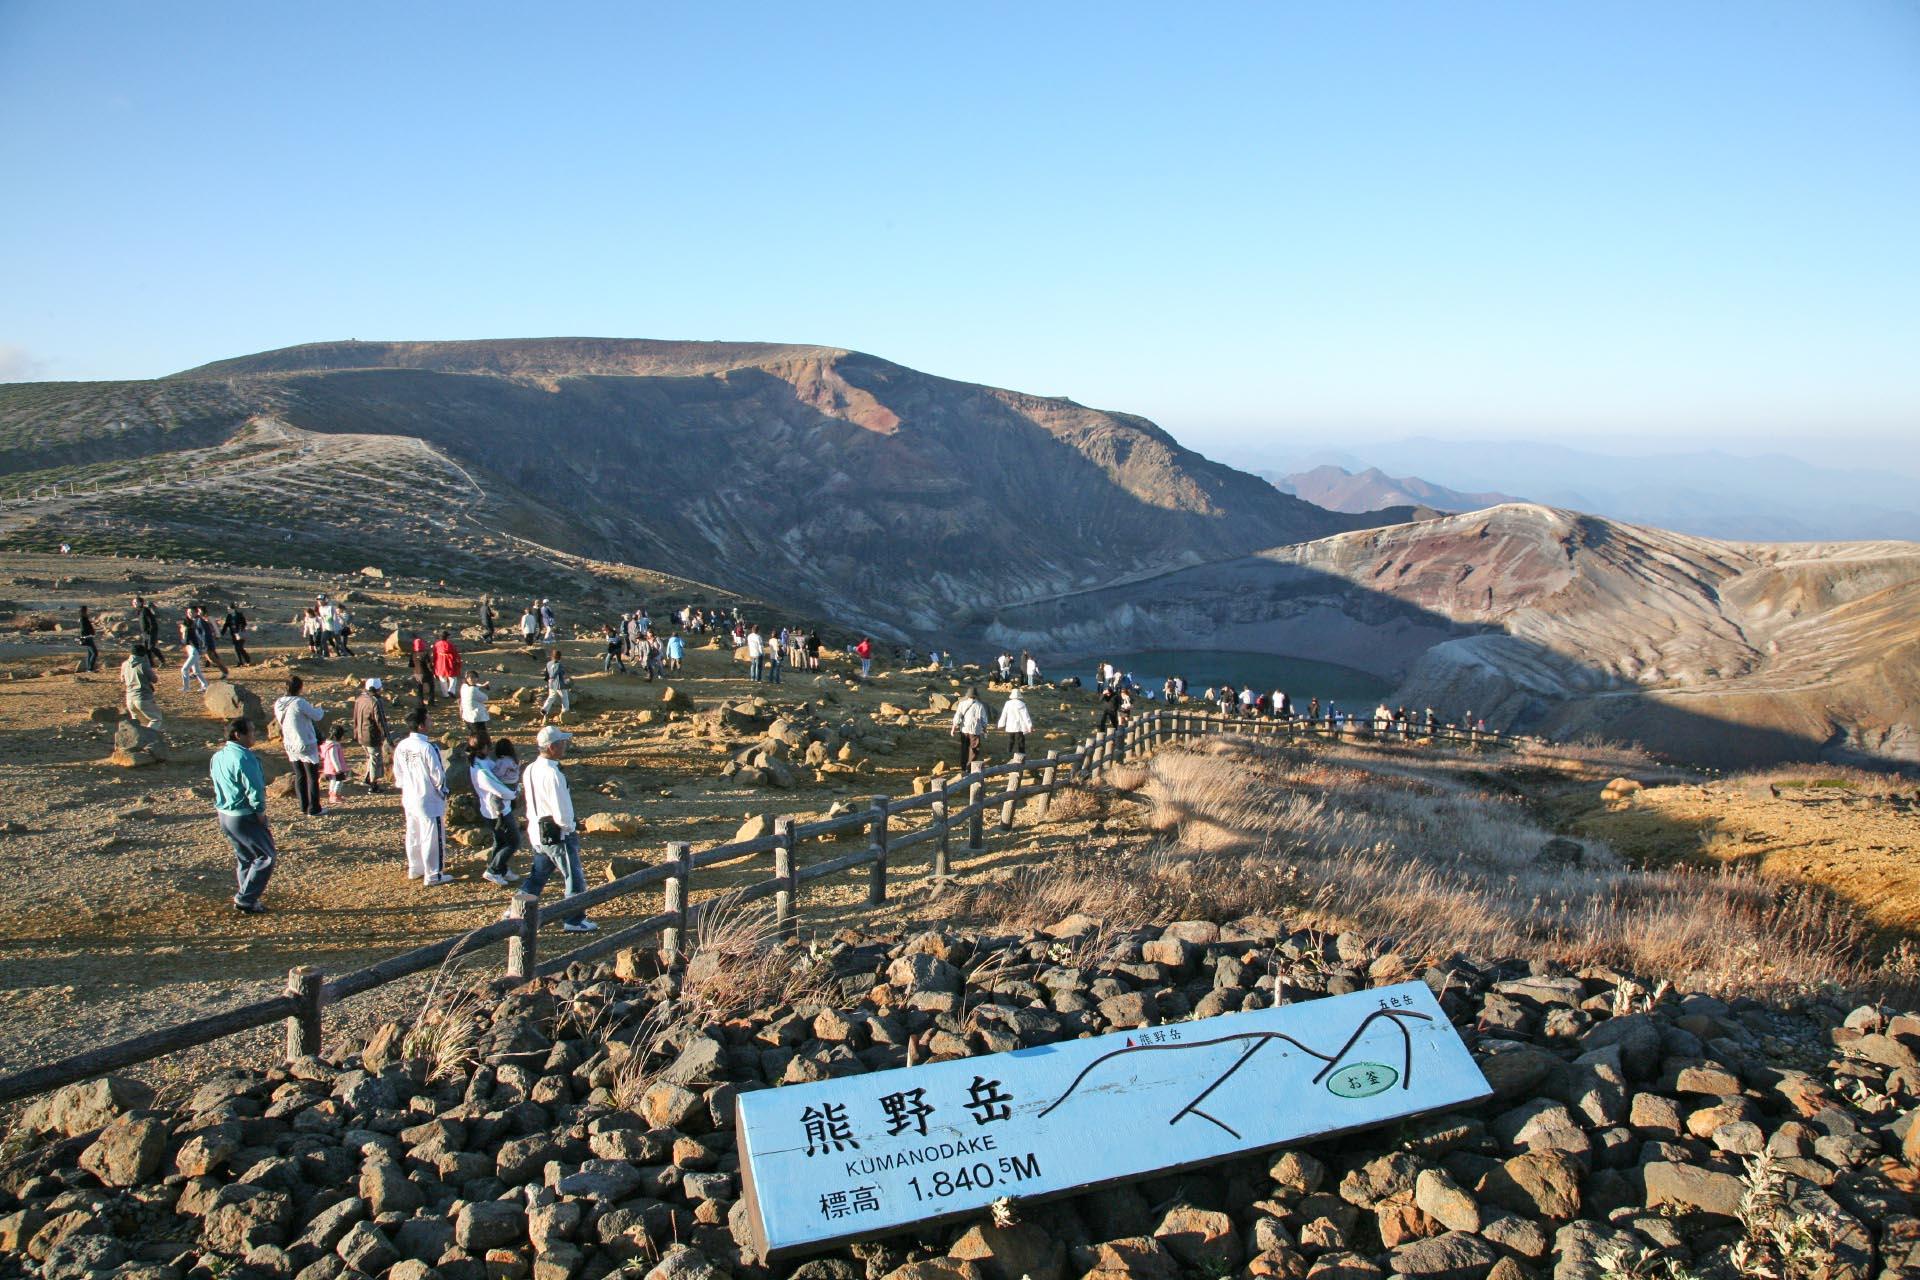 秋の蔵王山 熊野岳と御釜 山形の風景